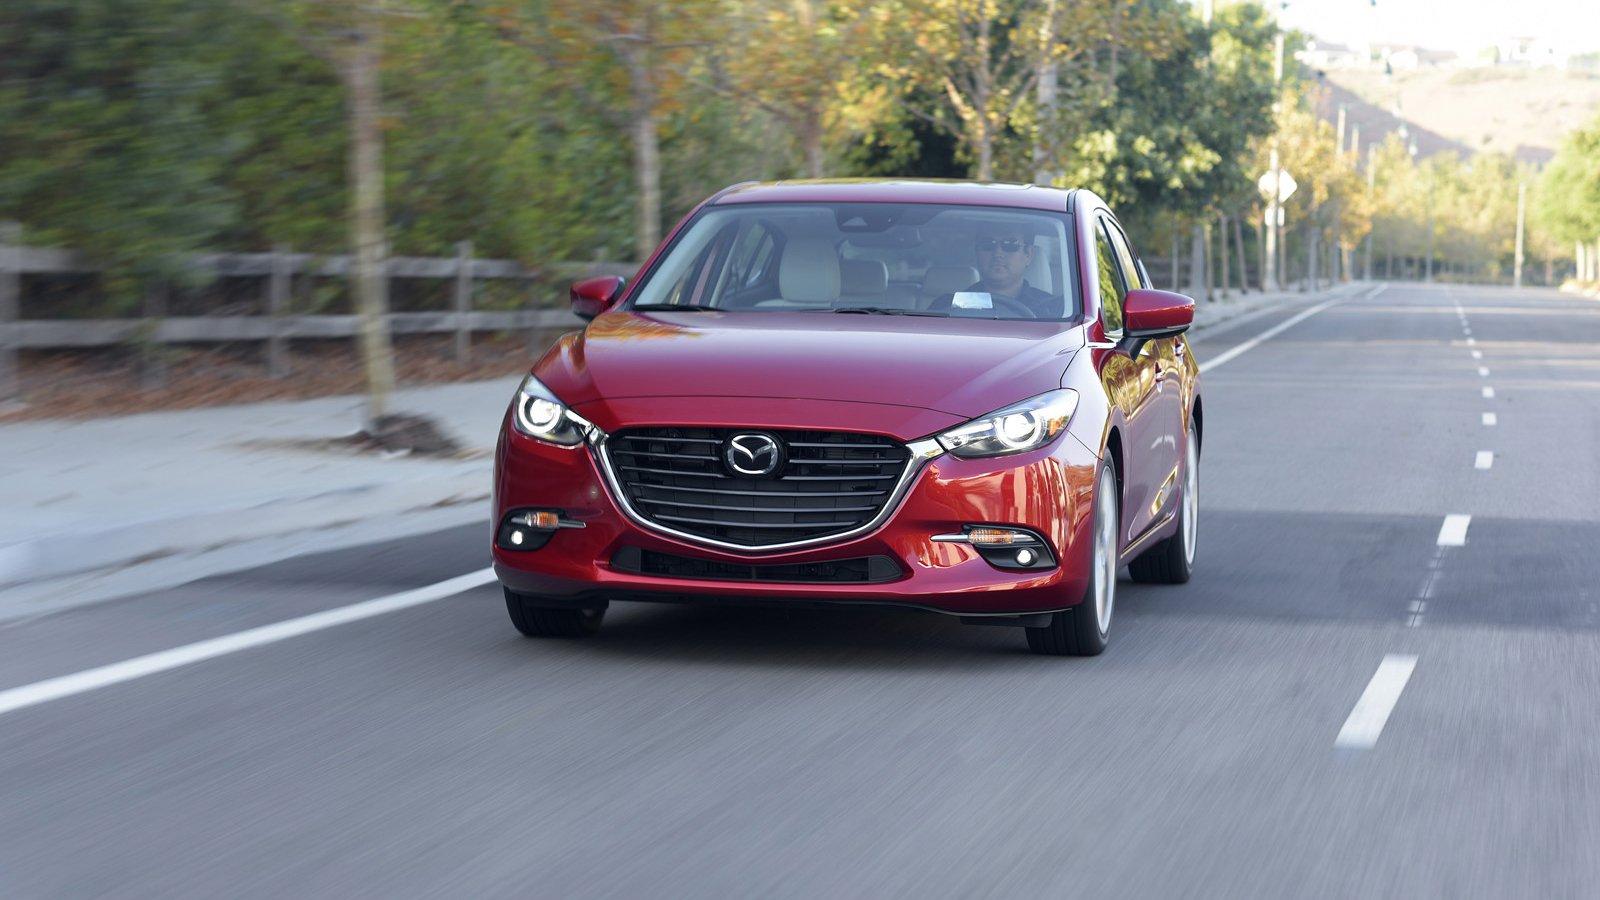 So sánh qua ảnh xe Mazda 3 Sport 2020 và đời cũ a2